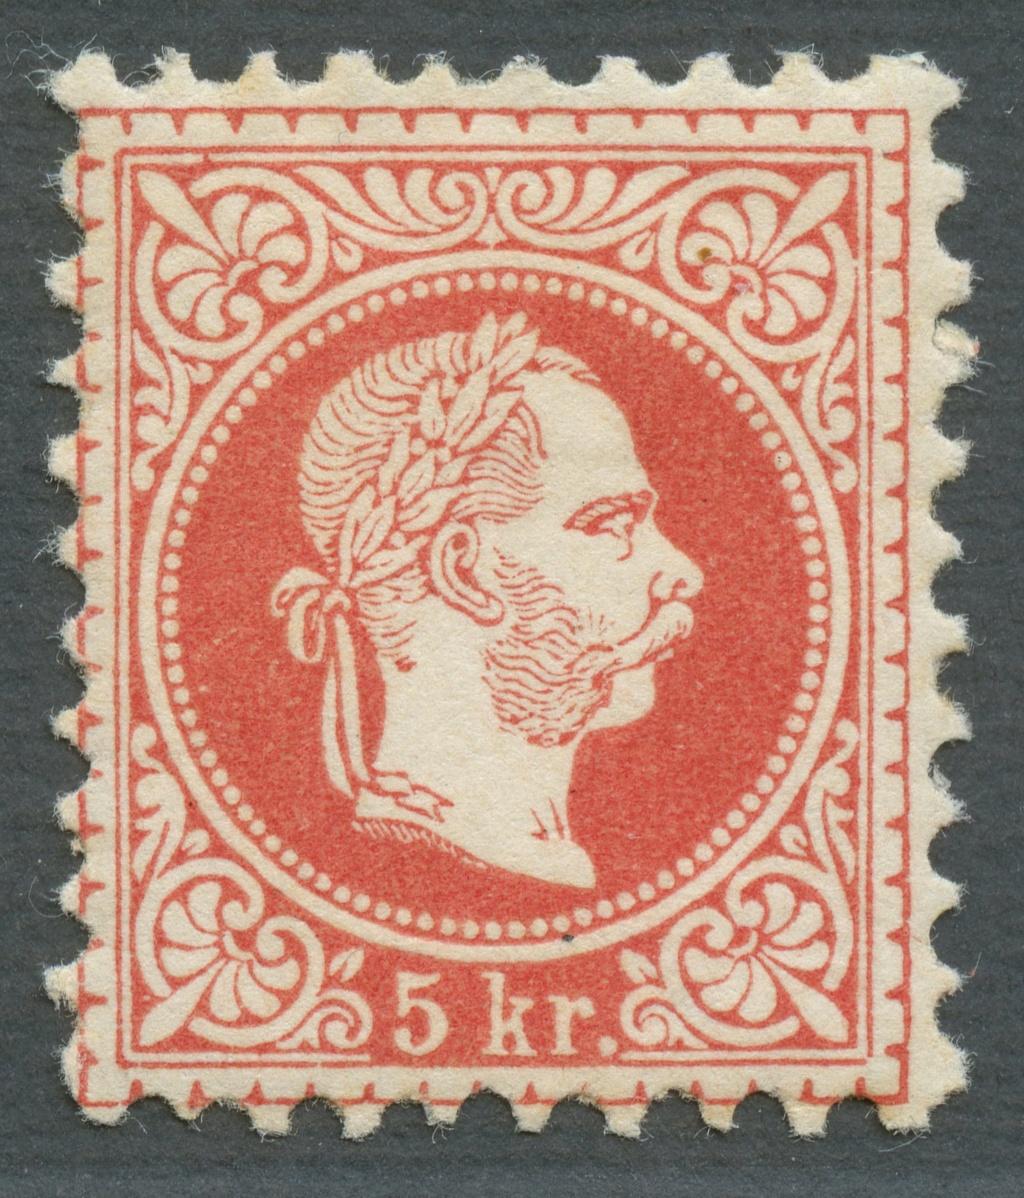 Nachtrag - Freimarken-Ausgabe 1867 : Kopfbildnis Kaiser Franz Joseph I - Seite 22 Ank_3711